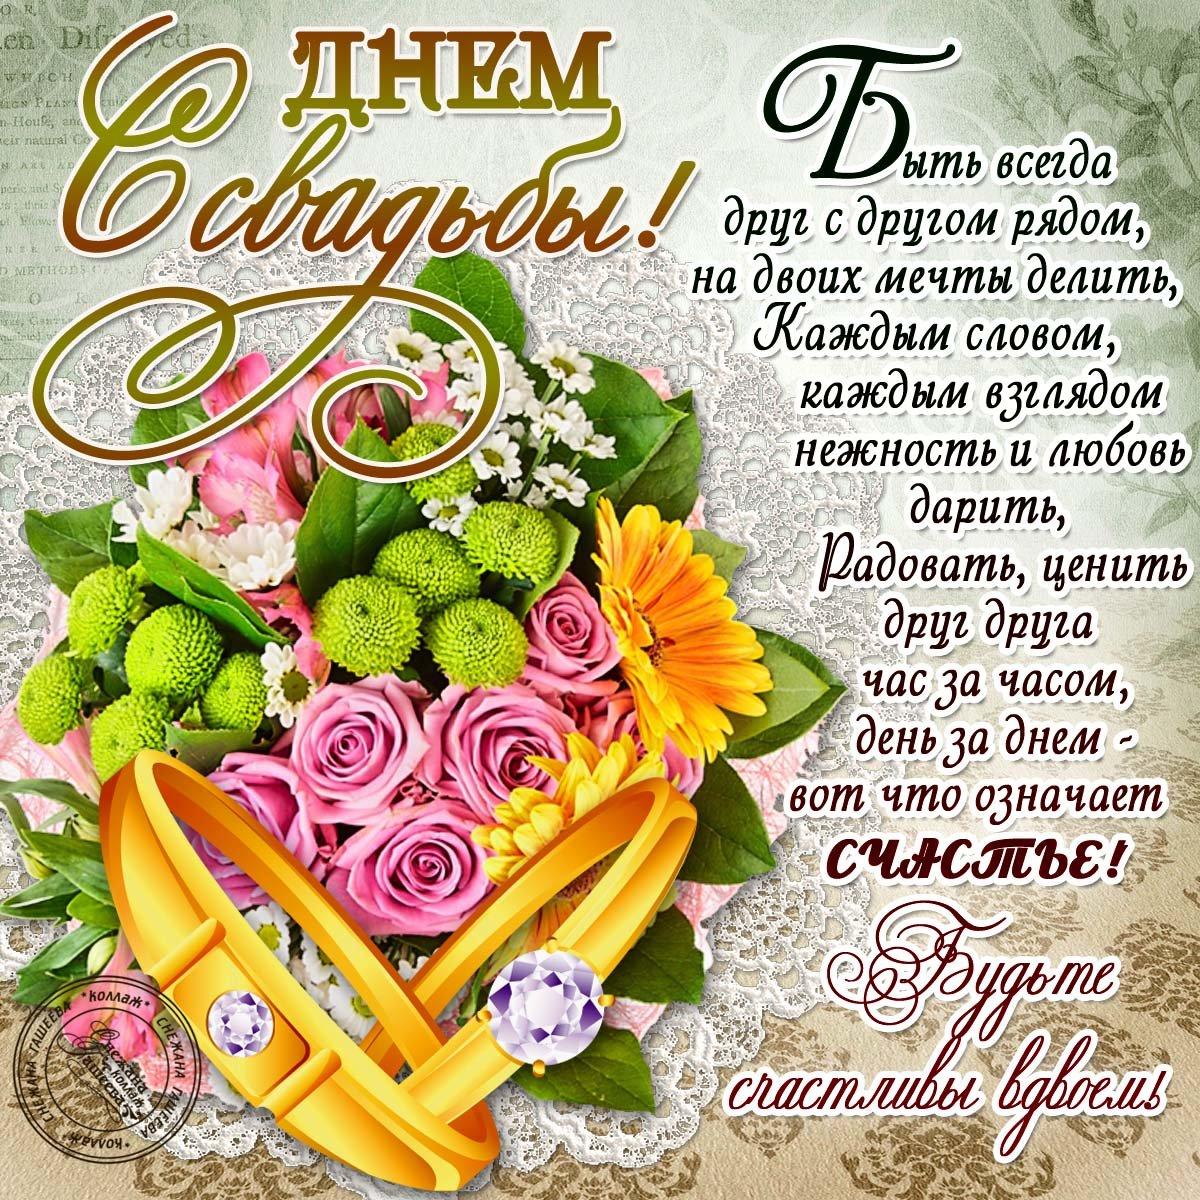 Свадебные поздравления от тети и дяди. поздравления на свадьбе племяннику от тети в стихотворениях и прозе